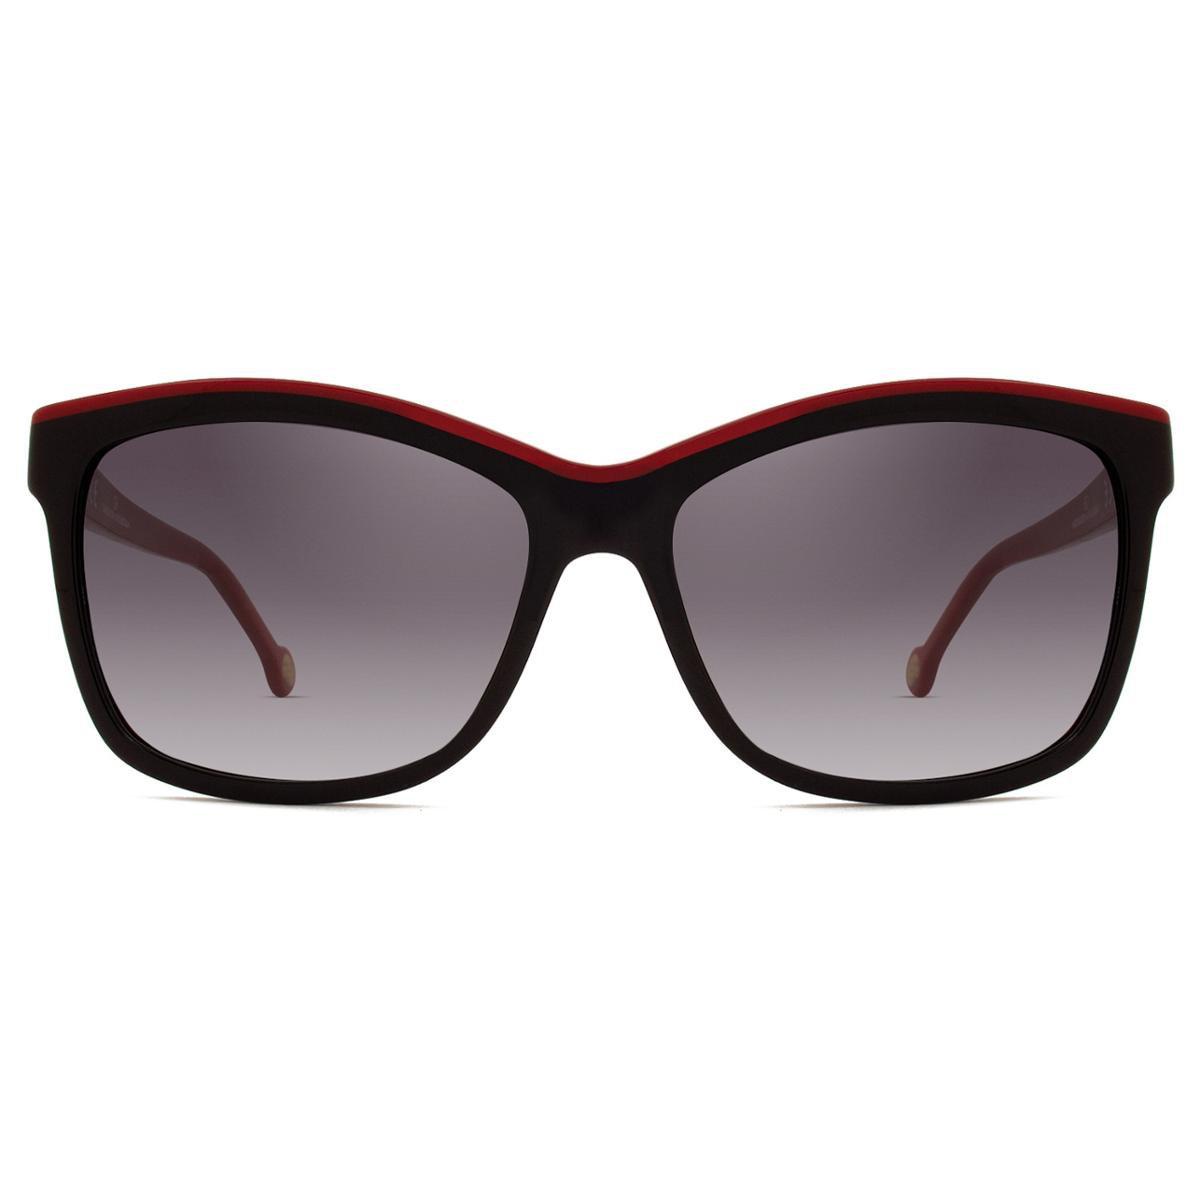 a4ad96f75e248 Óculos de Sol Carolina Herrera SHE598 09H7-55 - Compre Agora